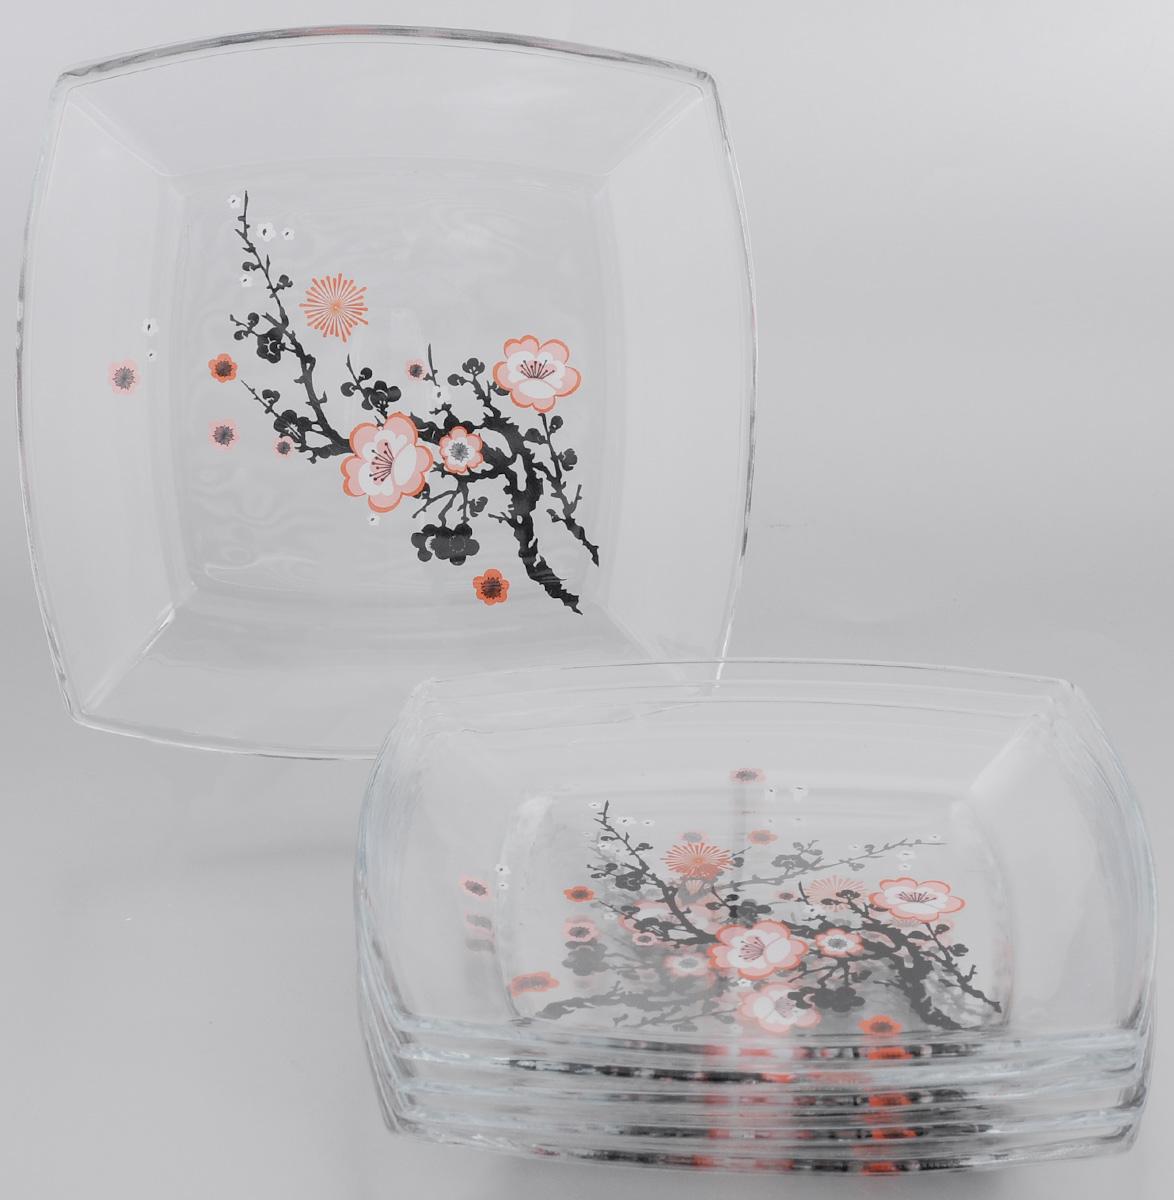 Набор тарелок Pasabahce Workshop Сакура, 6 шт54077BDНабор Сакура, выполненный из высококачественного стекла, состоит из шести тарелок квадратной формы, предназначенных для красивой сервировки различных блюд. Изделия декорированы изящным узором в виде ветки сакуры и, несомненно, понравятся любителям изысканного стиля. Набор тарелок Сакура великолепно украсит ваш стол и послужит отличным подарком к любому празднику. Тарелку нельзя использовать в микроволновой печи. Можно использовать в посудомоечной машине без использования абразивных средств. Можно хранить в холодильнике.